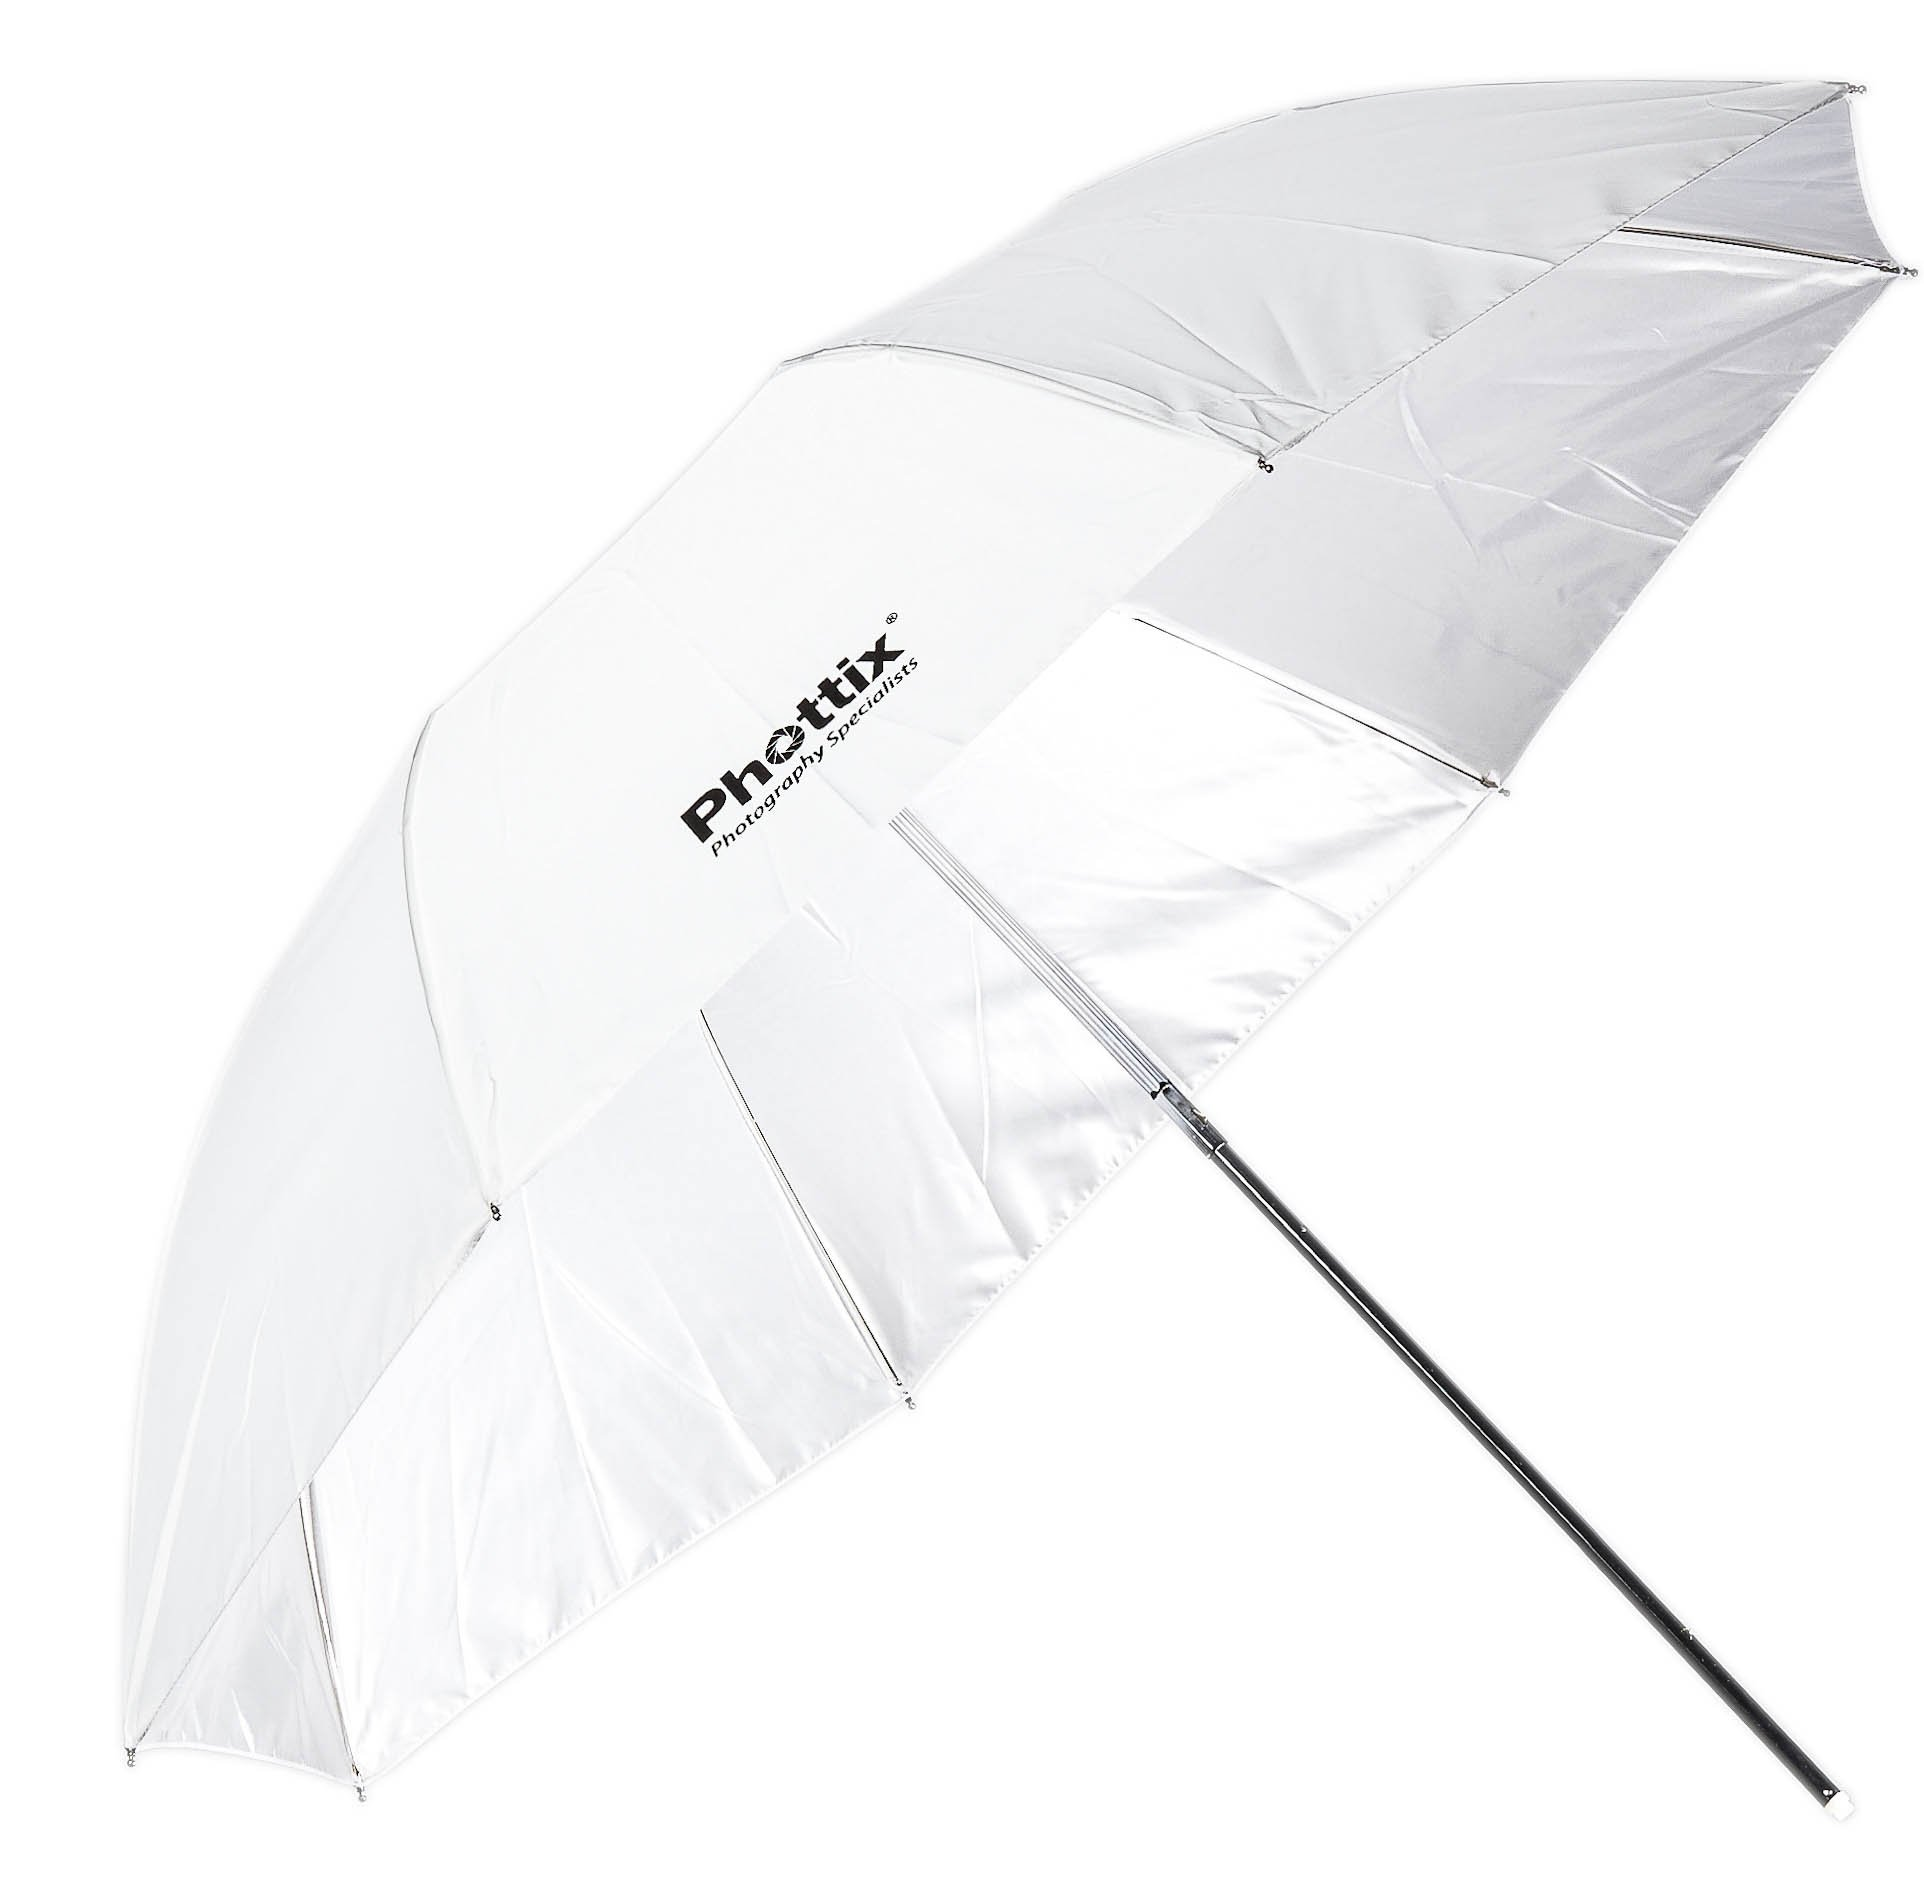 Phottix Double Small Folding White Shoot Through Umbrella 94cm (PH85361) by Phottix (Image #1)